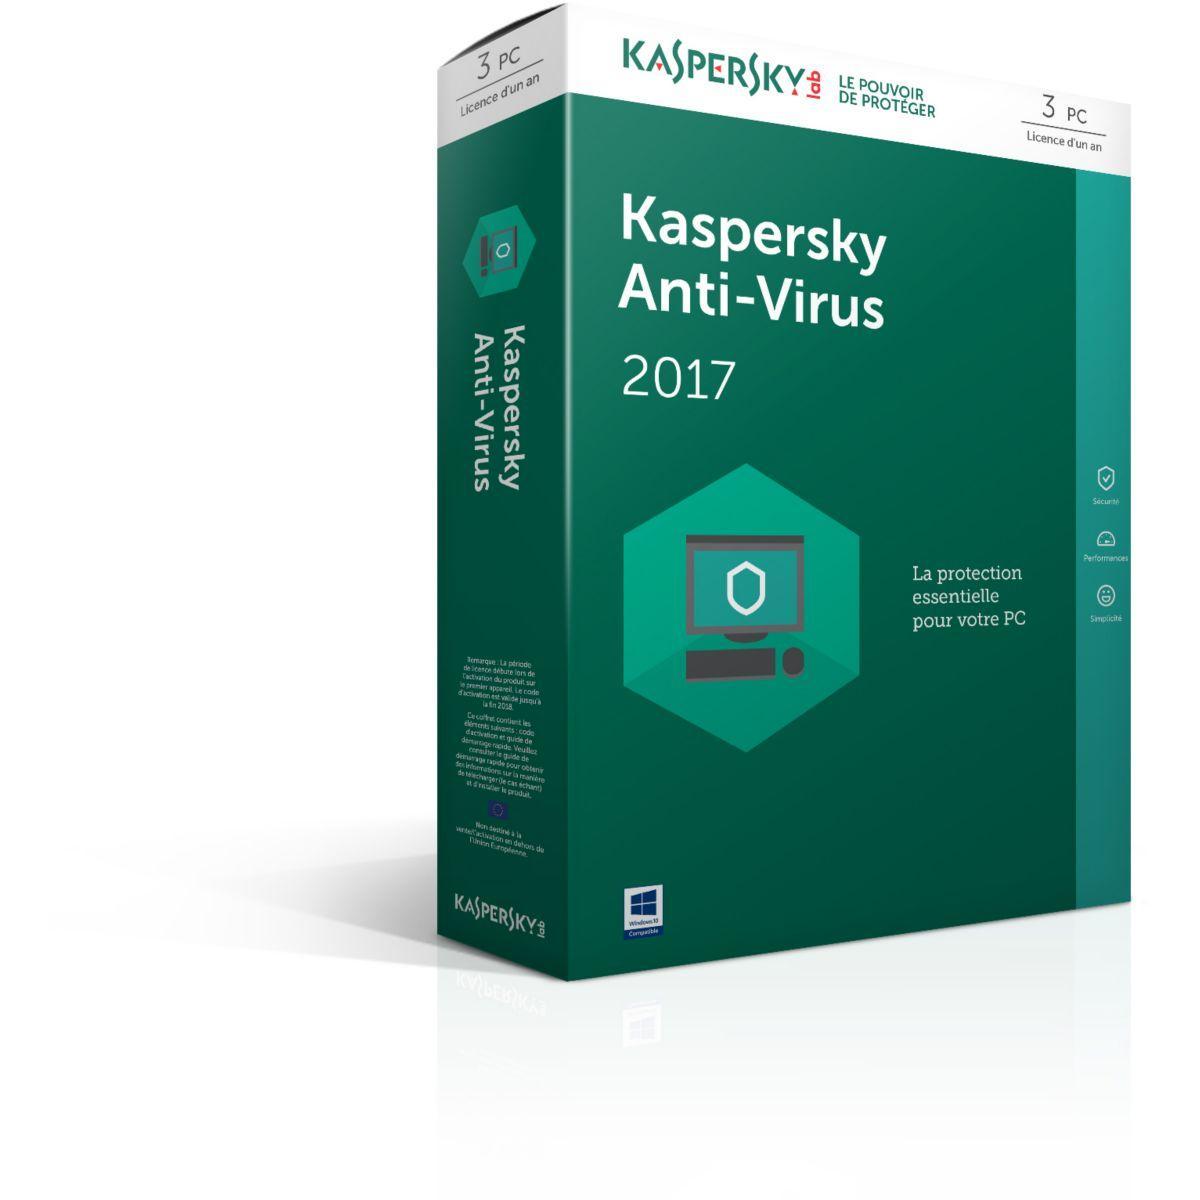 Logiciel antivirus pc kaspersky antivirus 2017 3 postes / 1 an - 10% de remise immédiate avec le code : cash10 (photo)